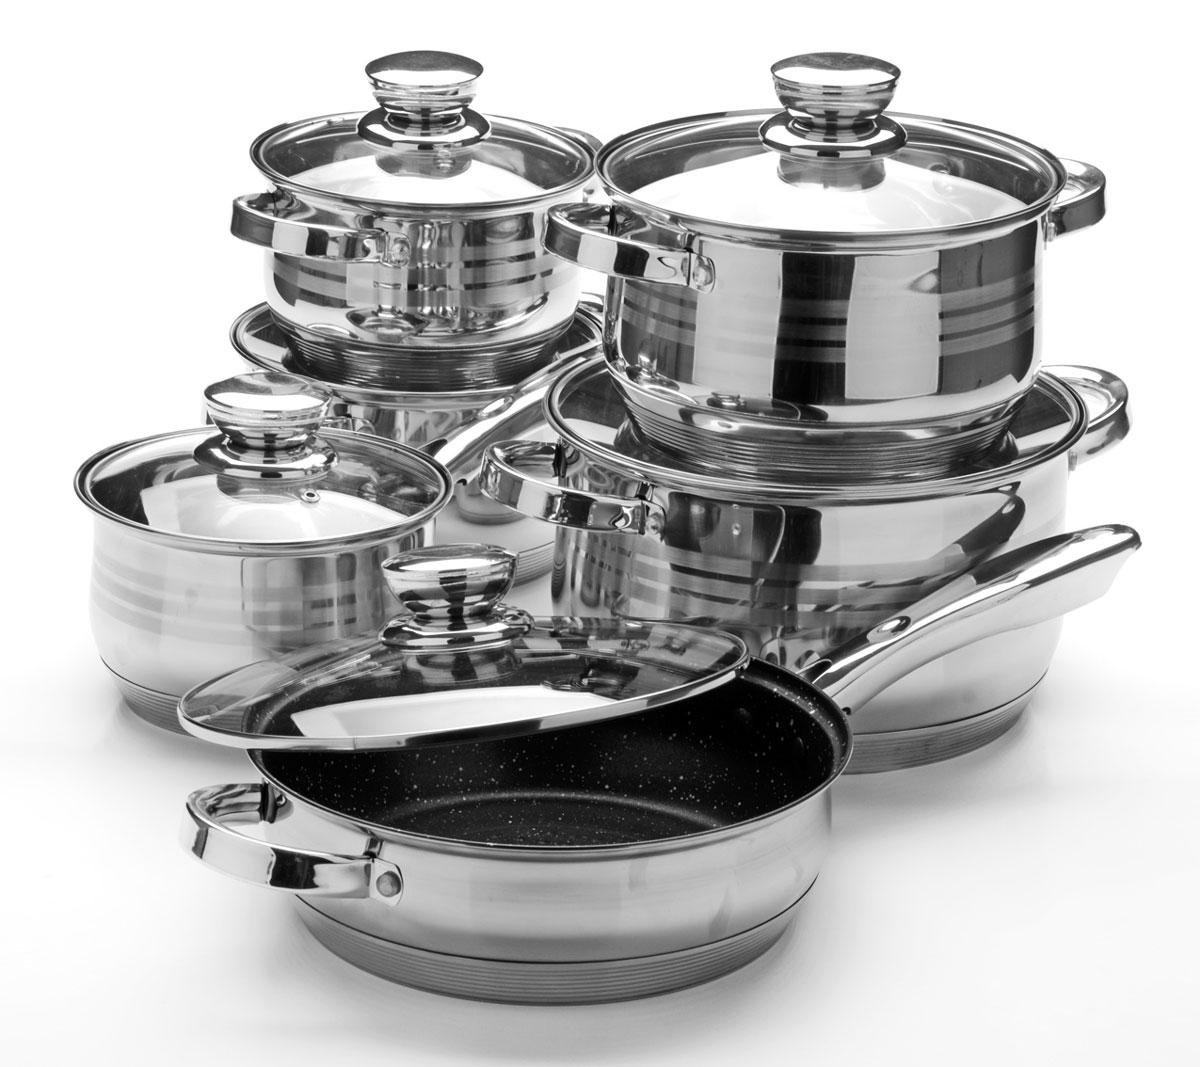 Набор посуды Mayer & Boch, 12 предметов. 26033260332,1+2,1+2,9+3,9+6,6+3,4